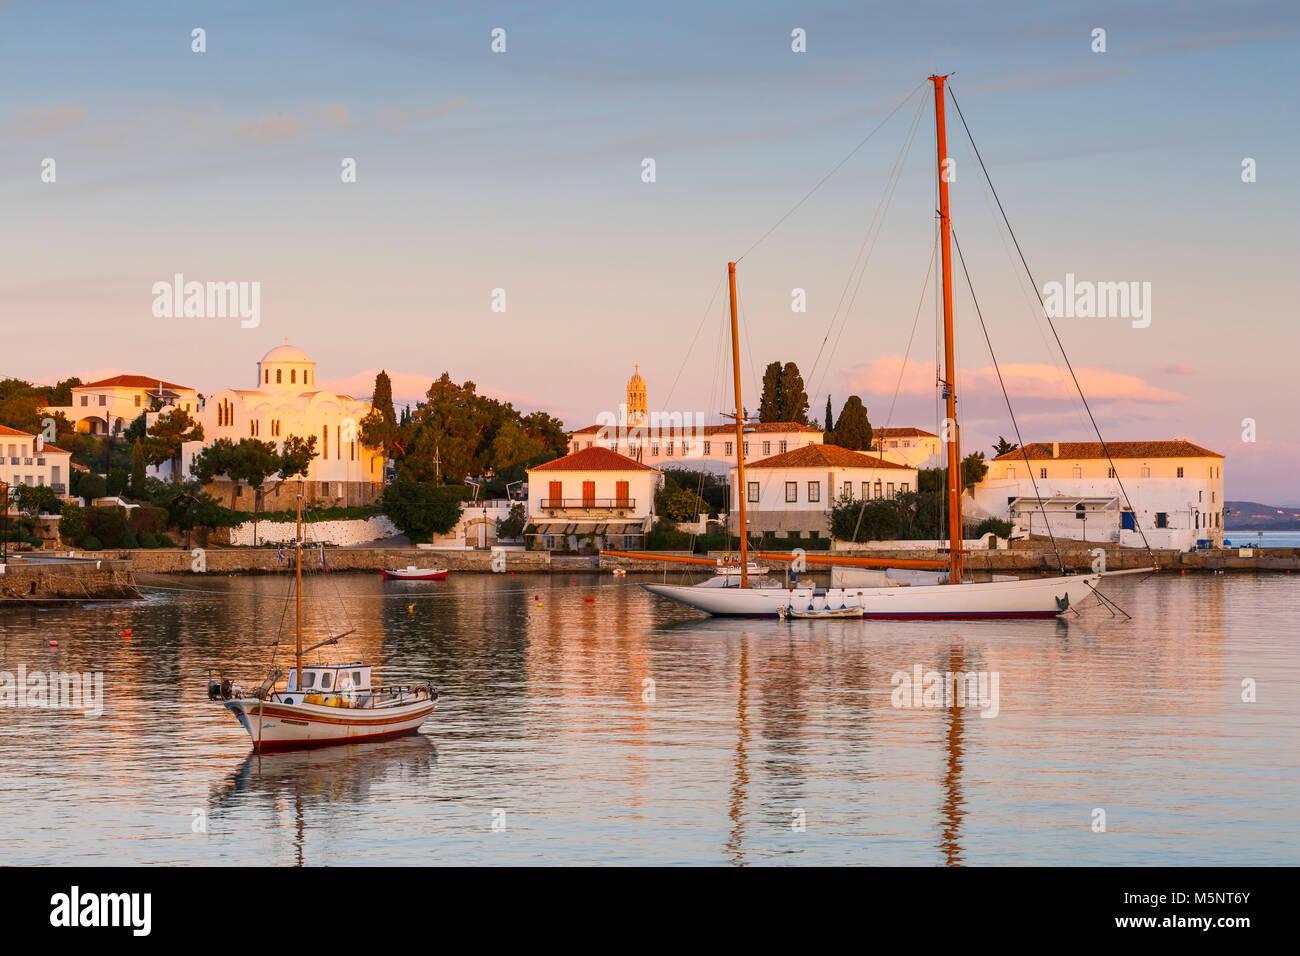 Case nel porto di Spetses, Grecia. Immagini Stock